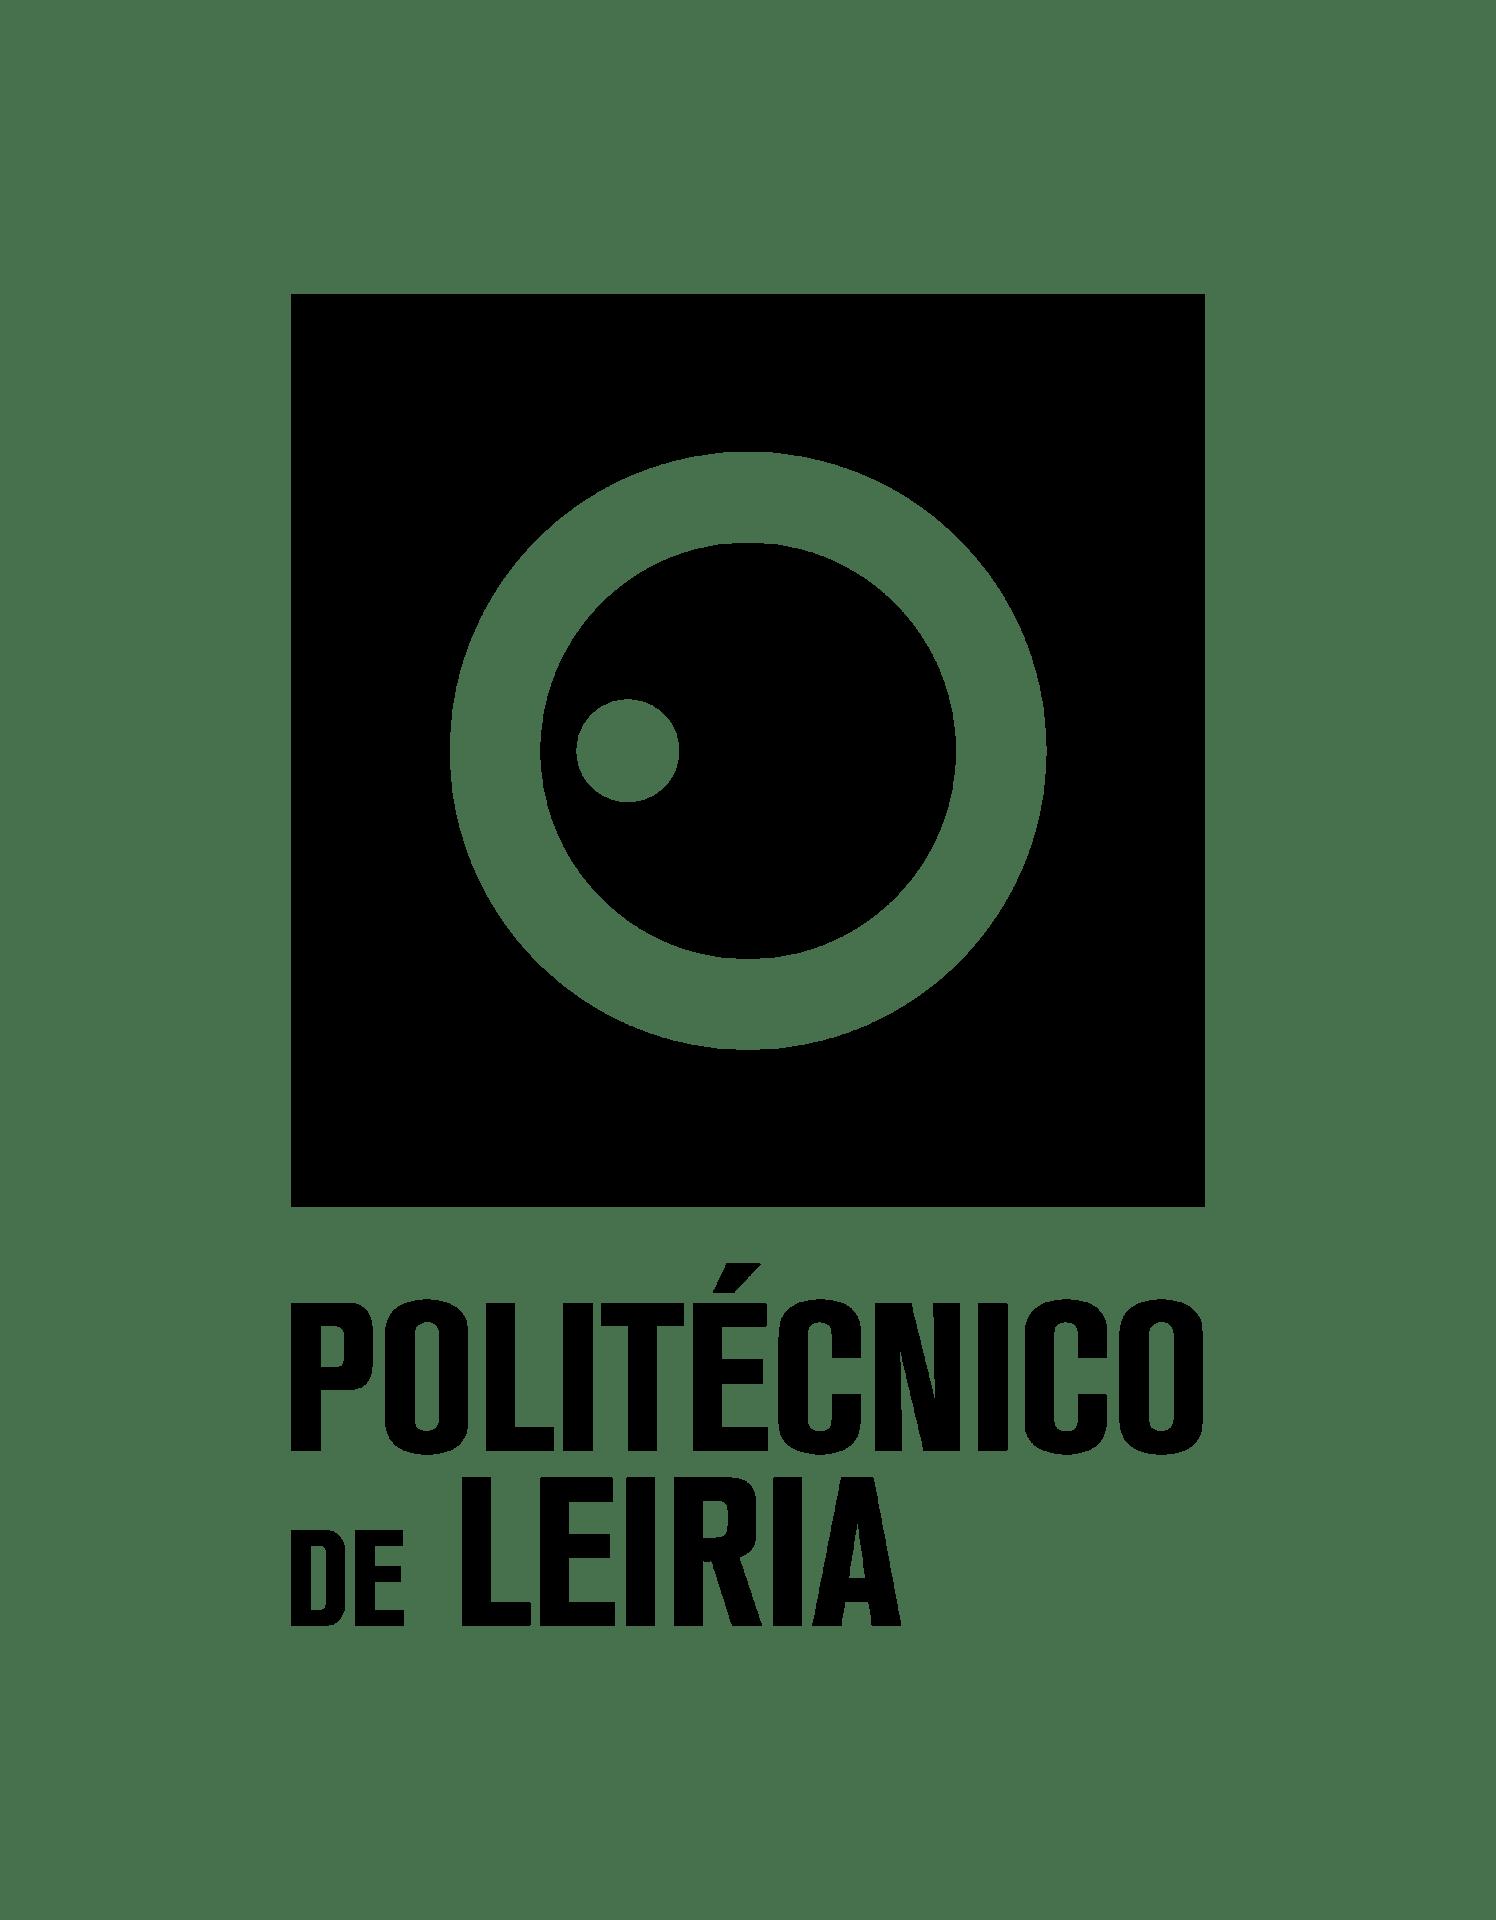 Politécnico de Leiria